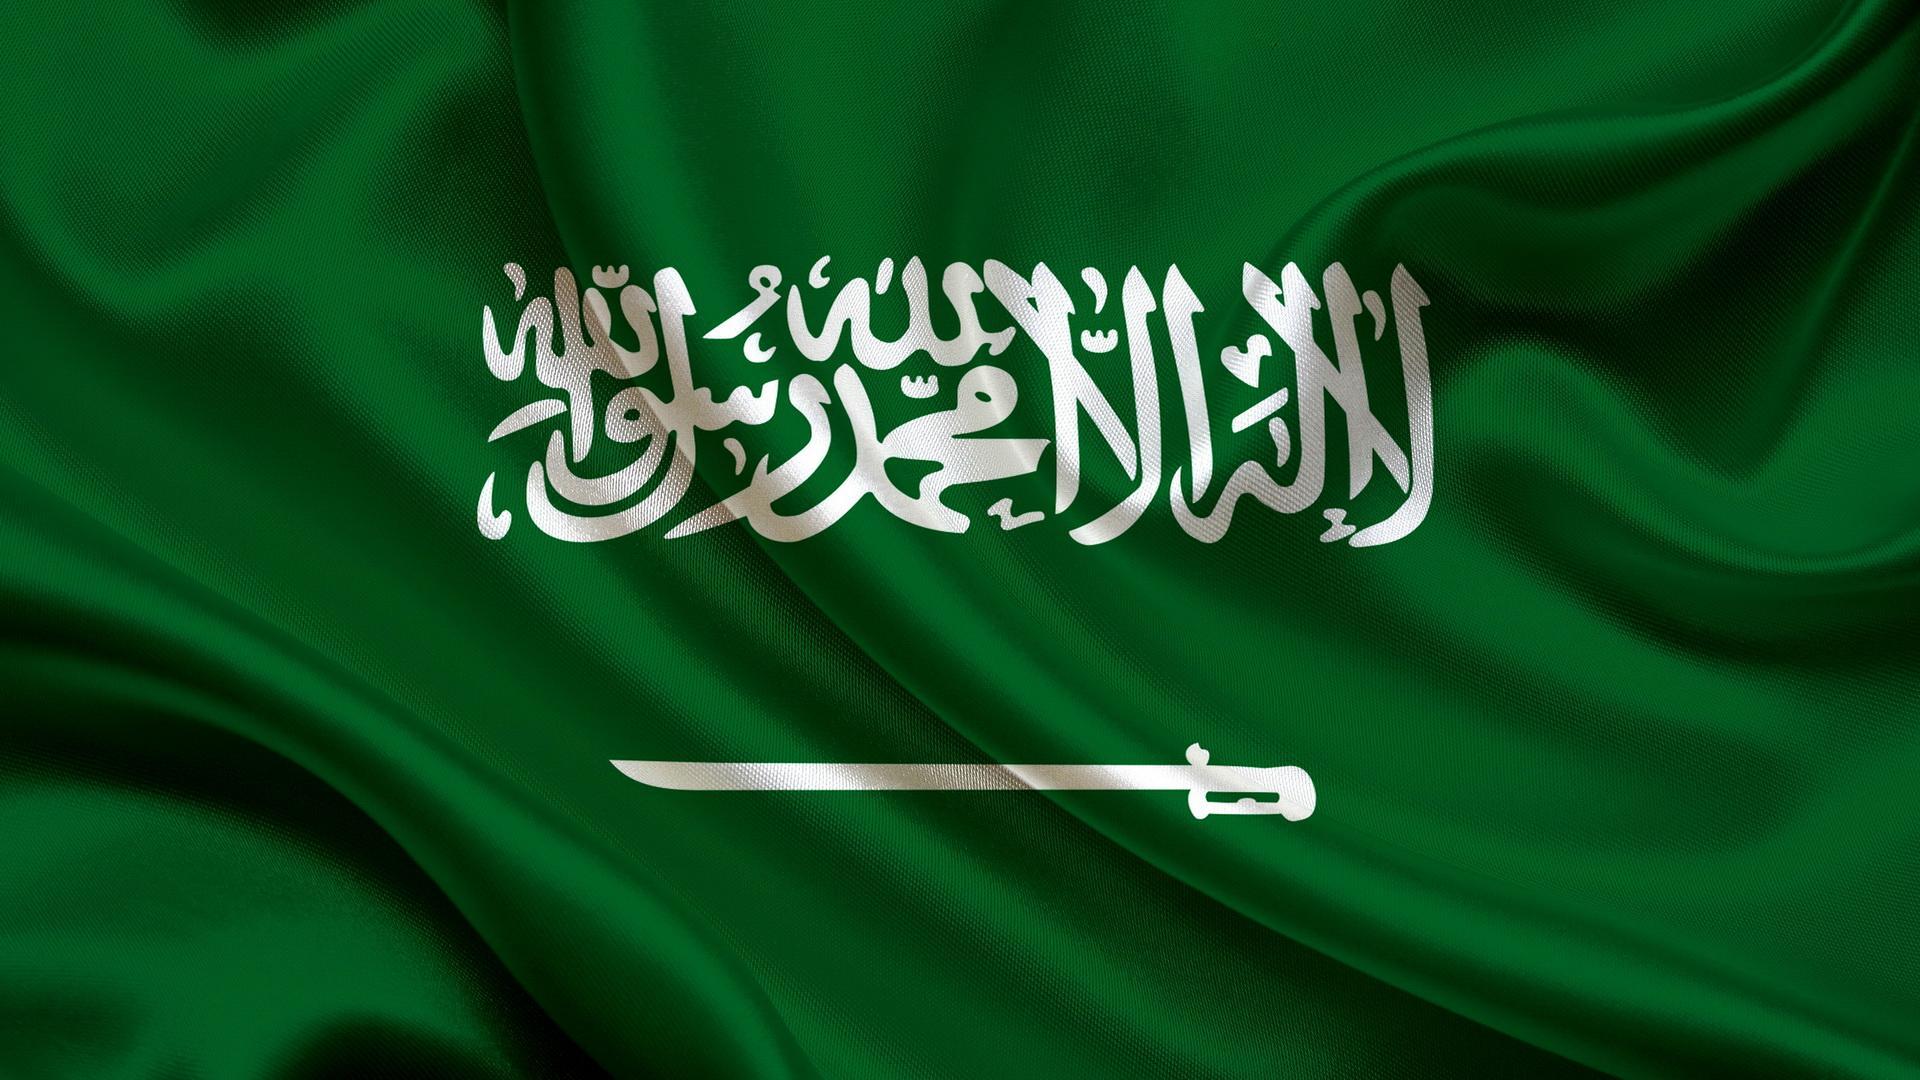 #الطايف الان : صواريخ الحوثيين وقعت دون خساير والمدفعية السعودية ترد